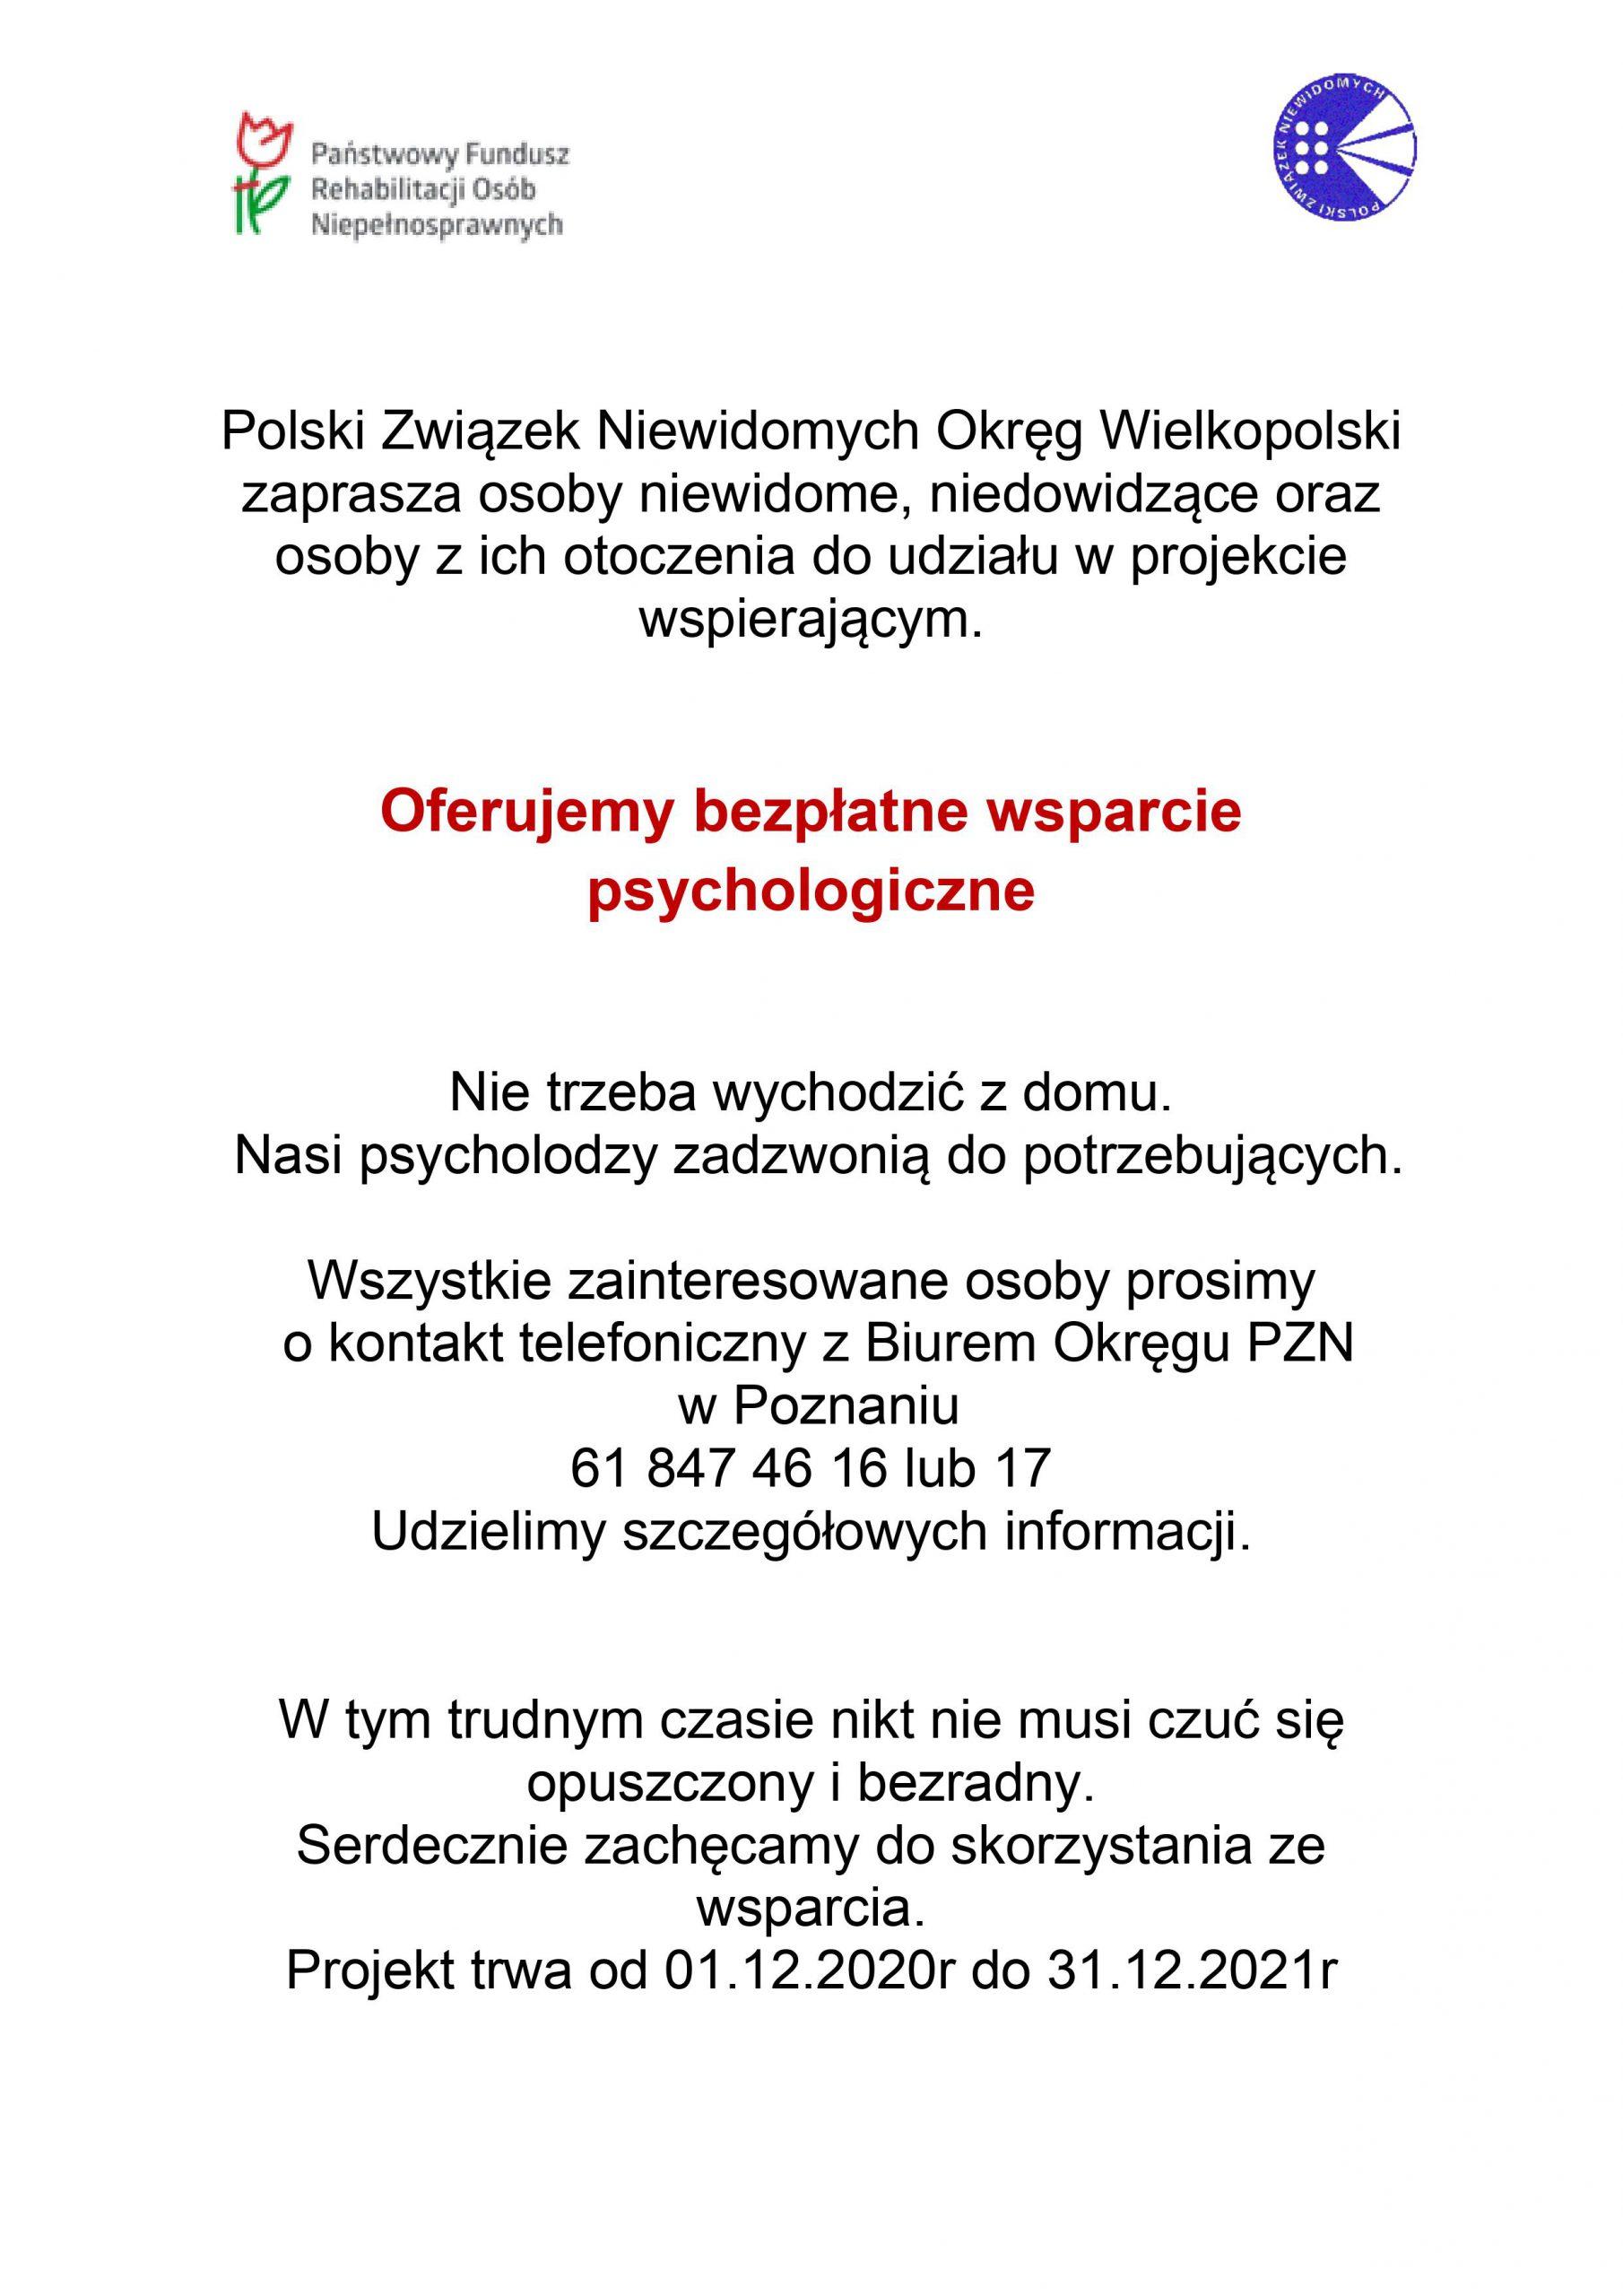 Bezpłatne wsparcie psychologiczne